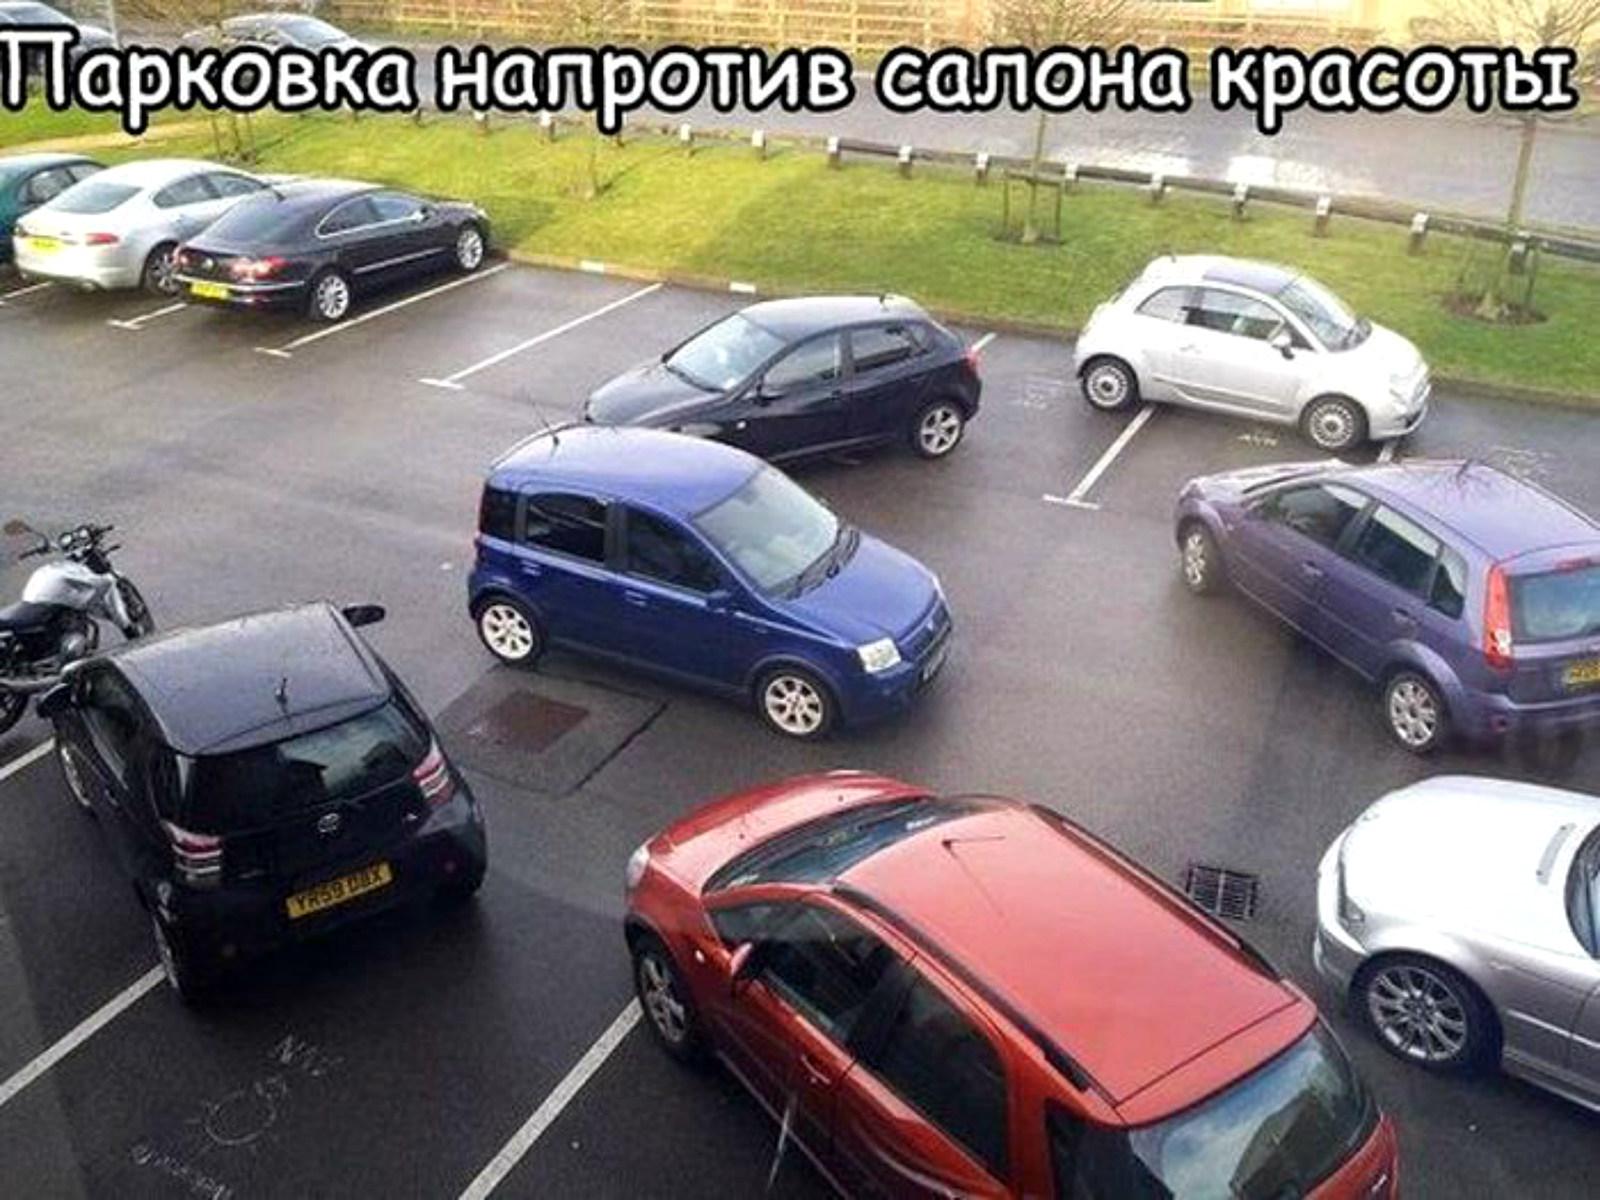 женщина за рулем парковка у салона красоты